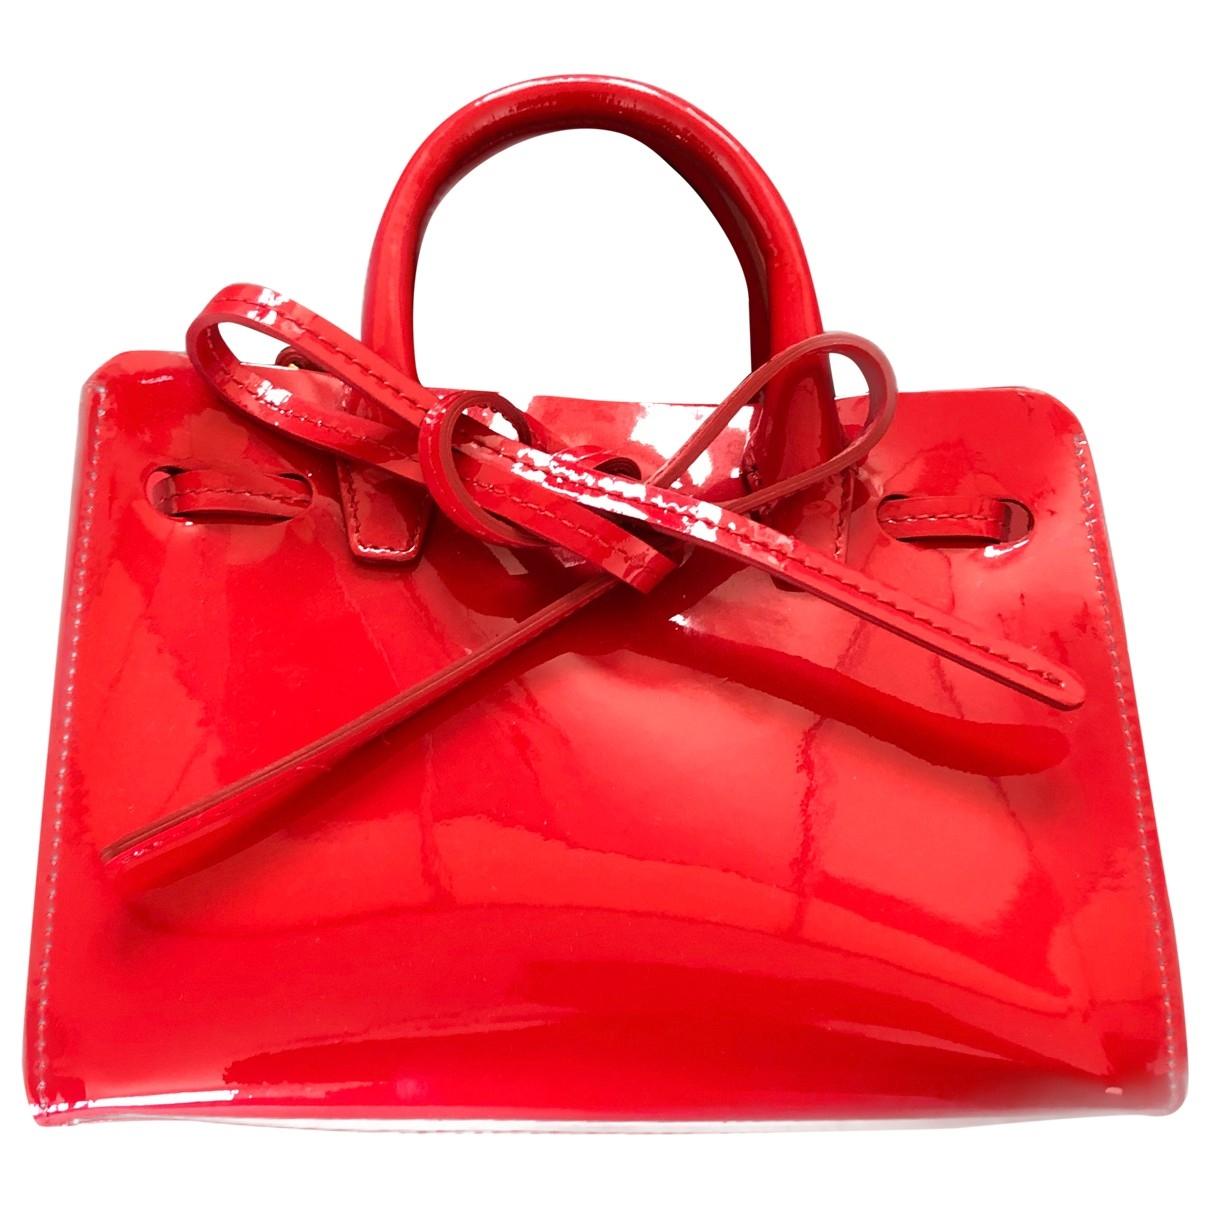 Mansur Gavriel Folded Handtasche in  Rot Lackleder